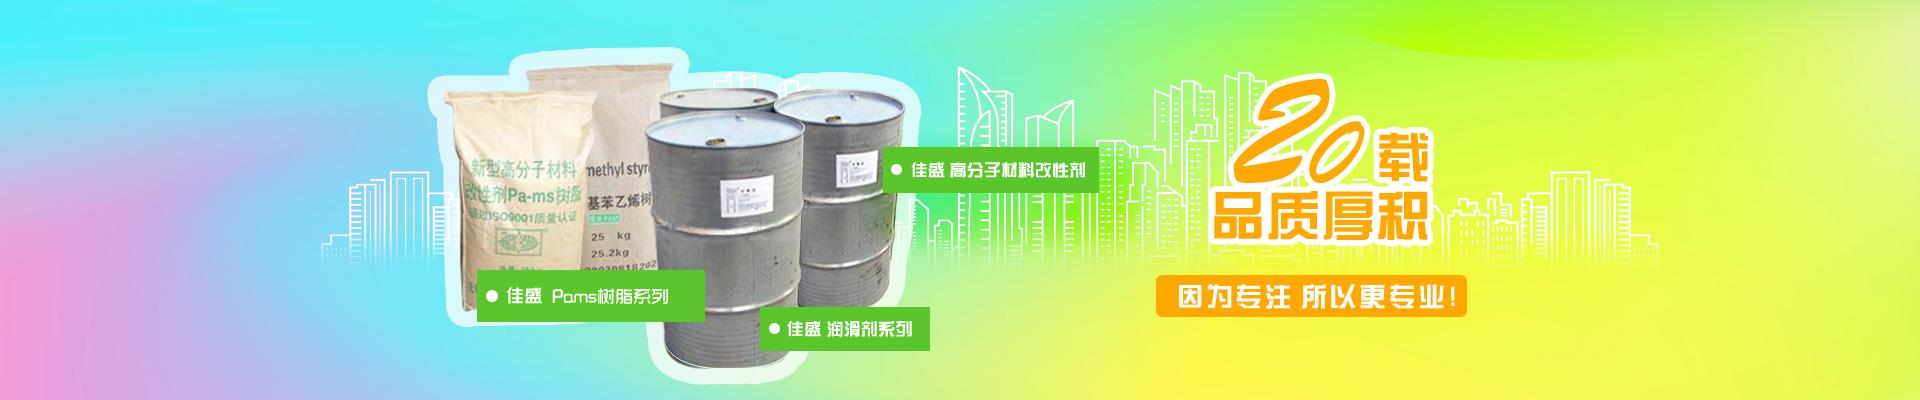 无锡市佳盛高新改性材料有限公司-专业生产2,4-二苯基-4-甲基-1-戊烯|α-甲基苯乙烯线性二聚体|聚α-甲基苯乙烯树脂|1,1,3-三甲基-3-苯基-茚满|JS・ATL-95树脂/M-80树脂|分子量调节剂----欢迎您!